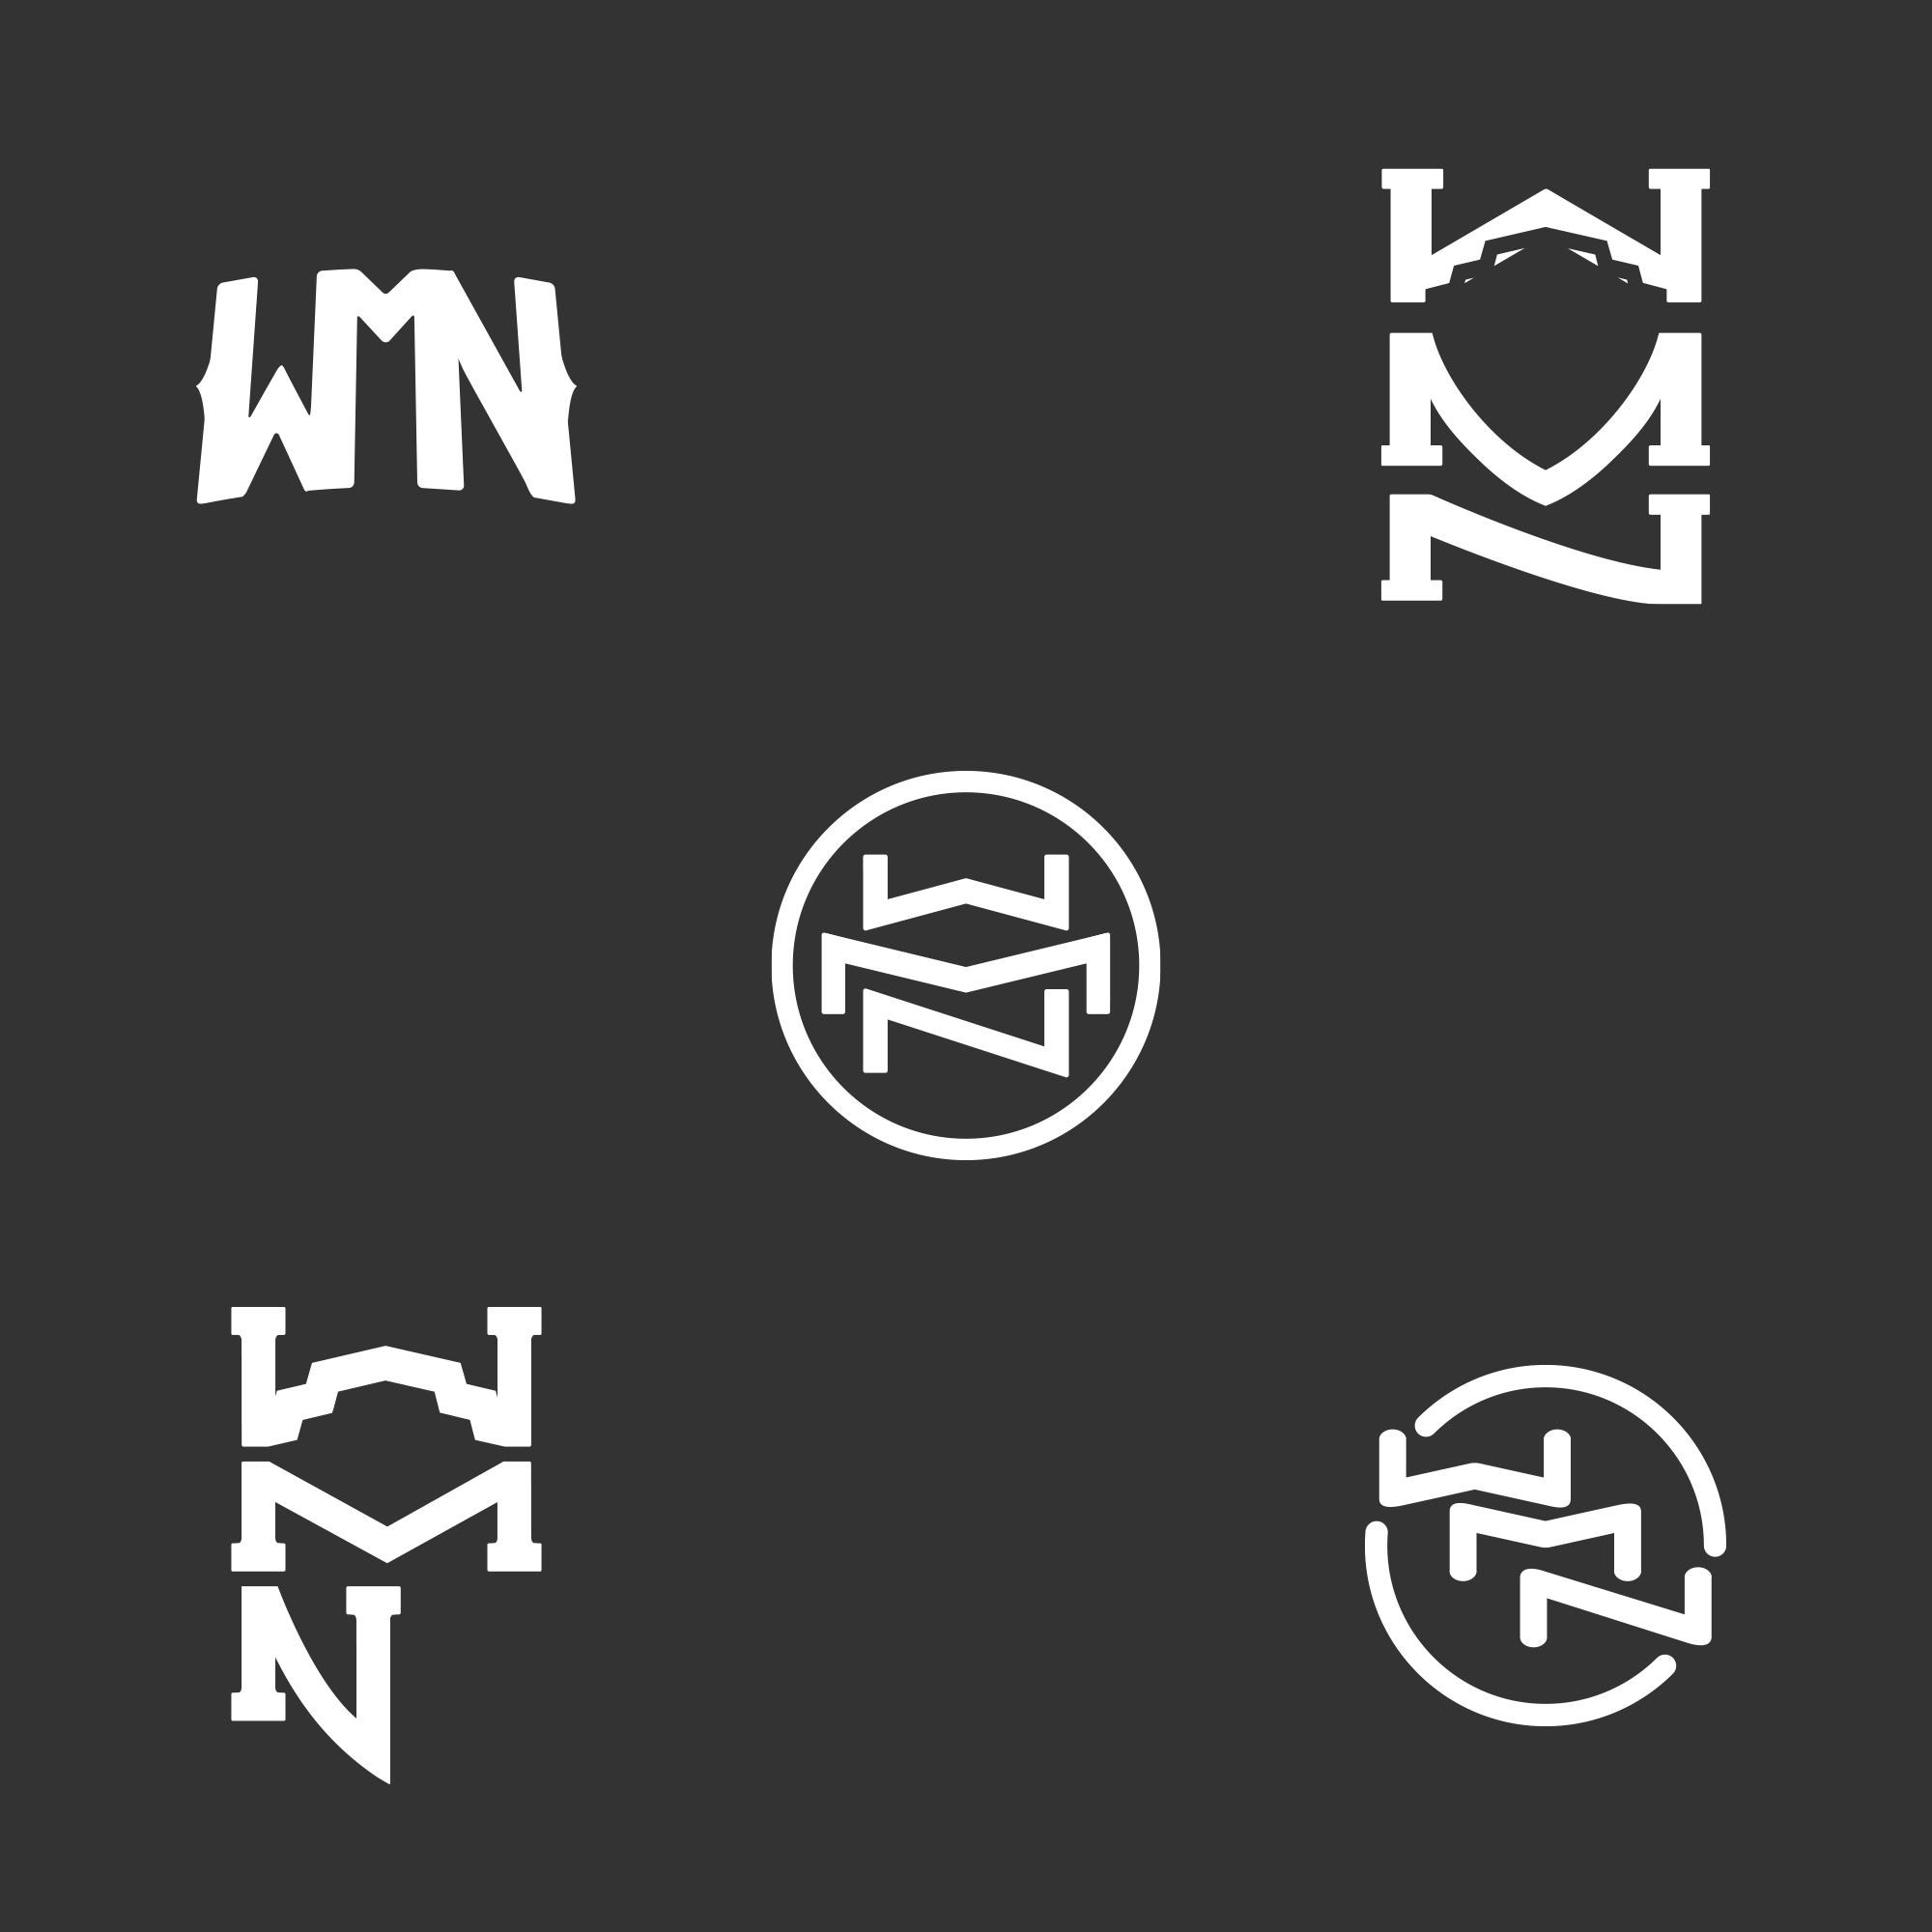 ajr-logos-002-WarnerMusicNashville